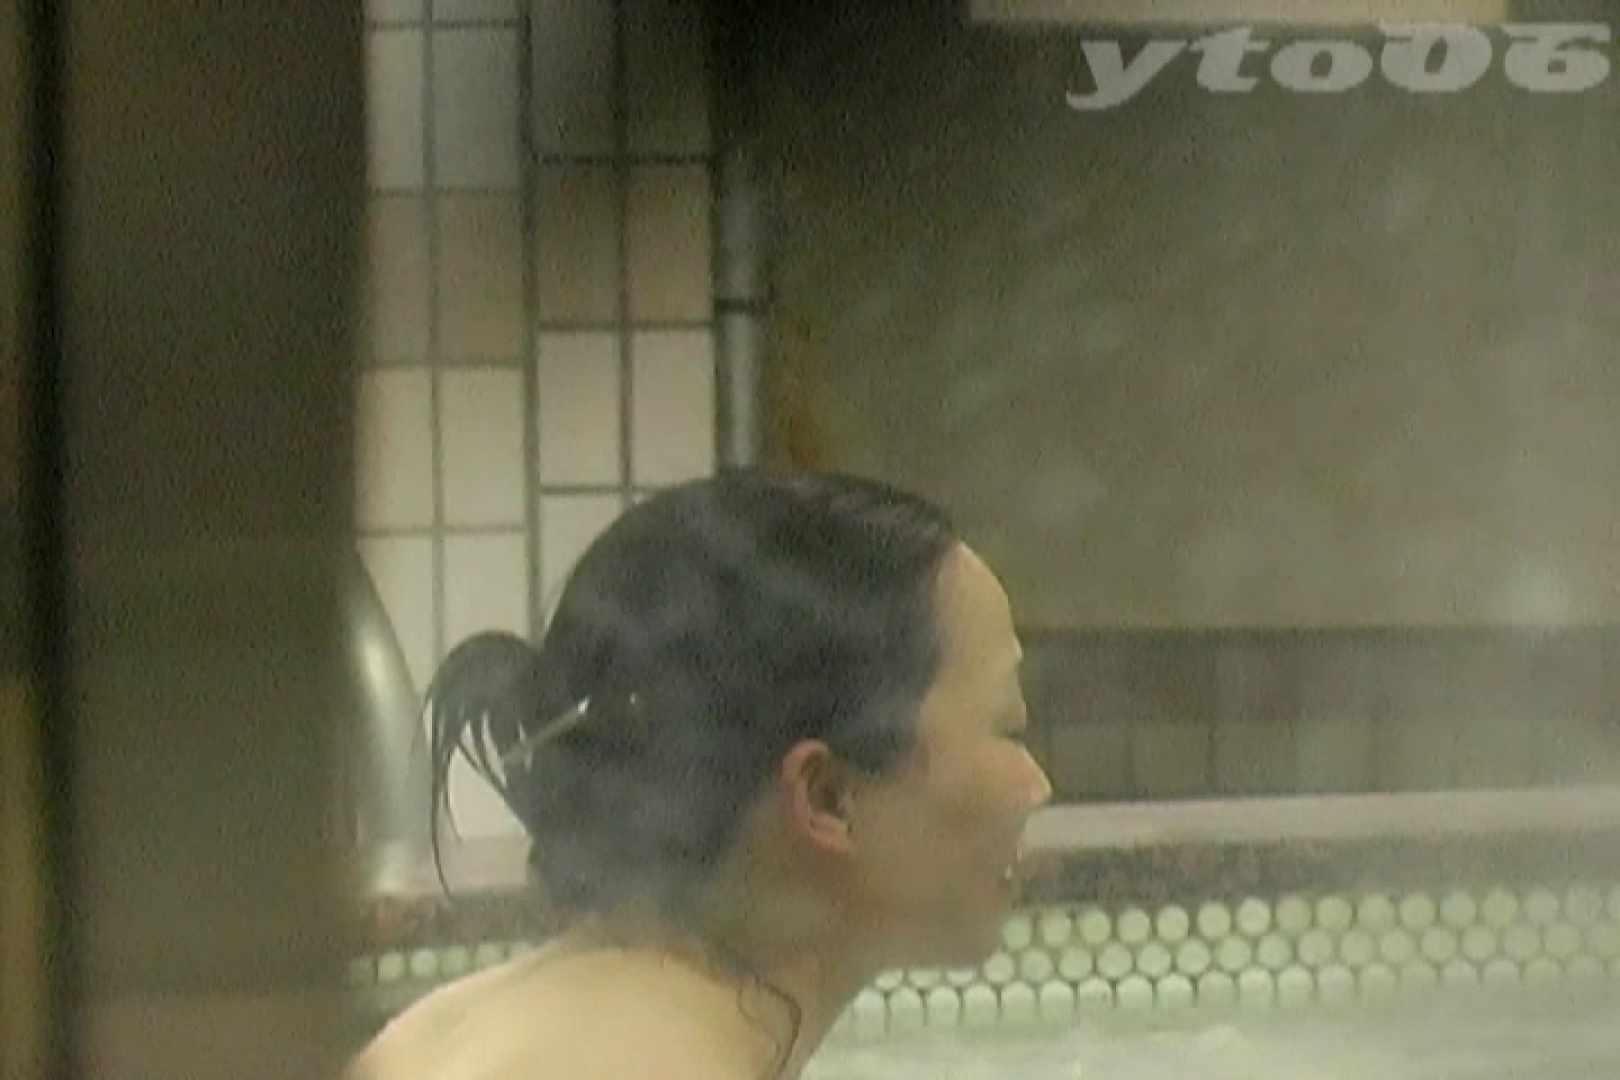 ▲復活限定▲合宿ホテル女風呂盗撮 Vol.36 女風呂 すけべAV動画紹介 102枚 6